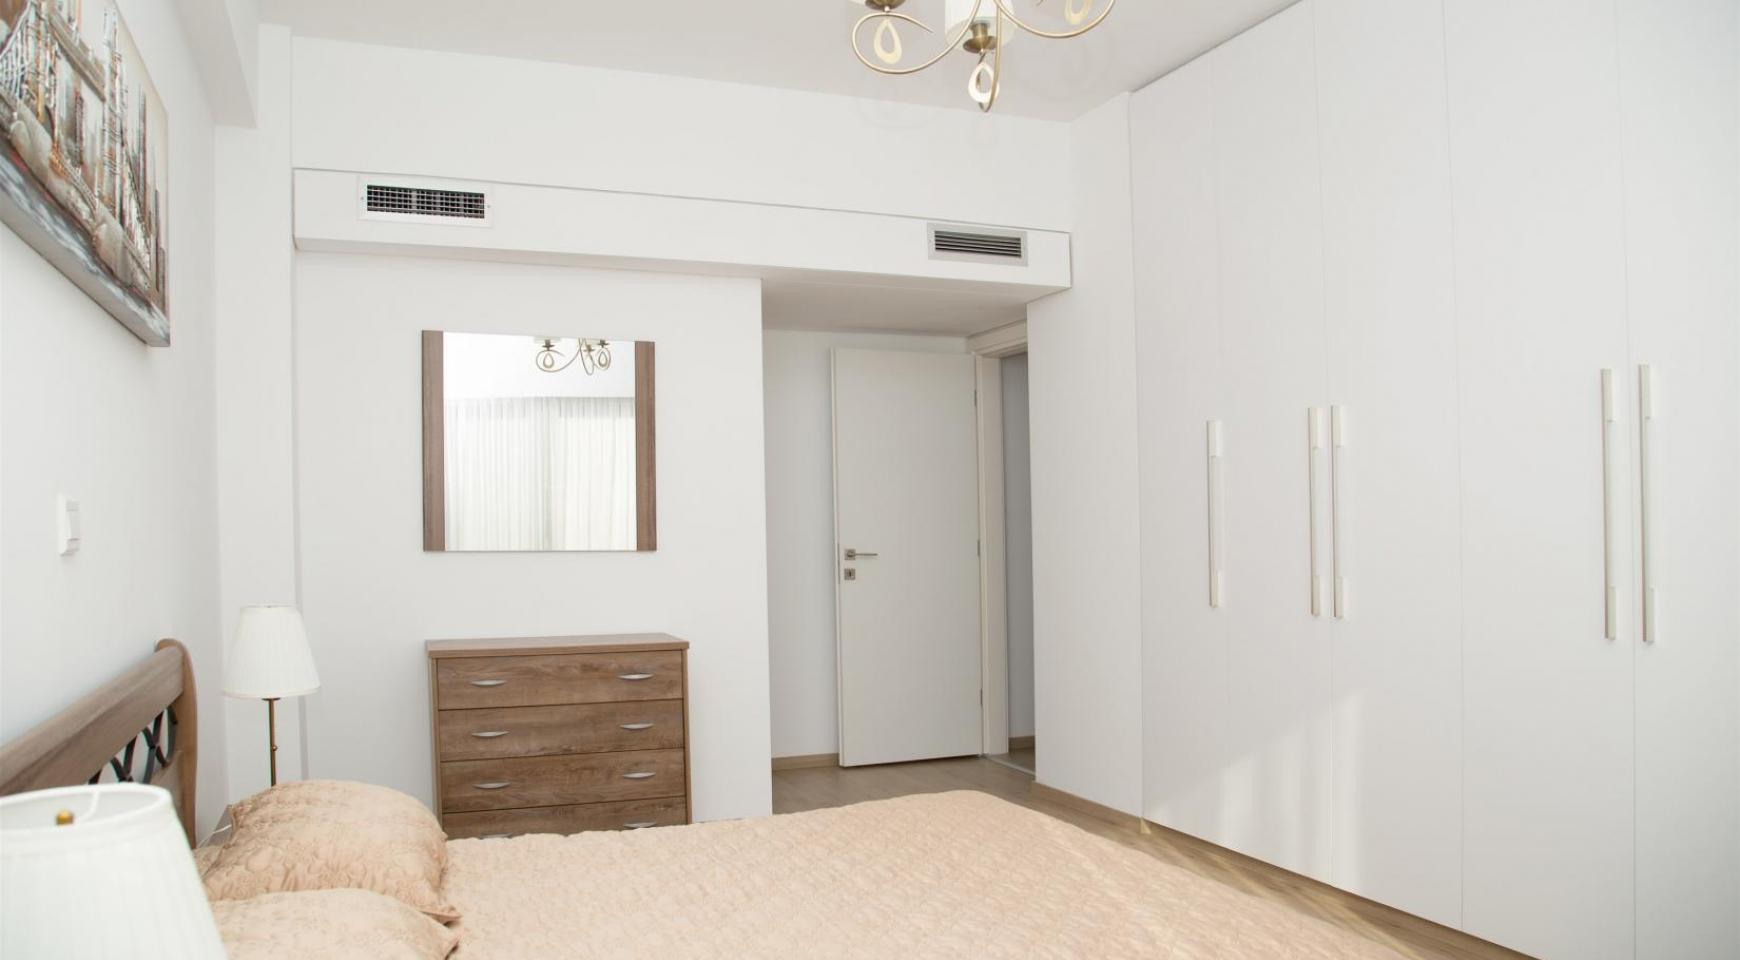 Полностью Отремонтированная 3-Спальная Квартира Класса Люкс на Первой Линии от Моря - 15